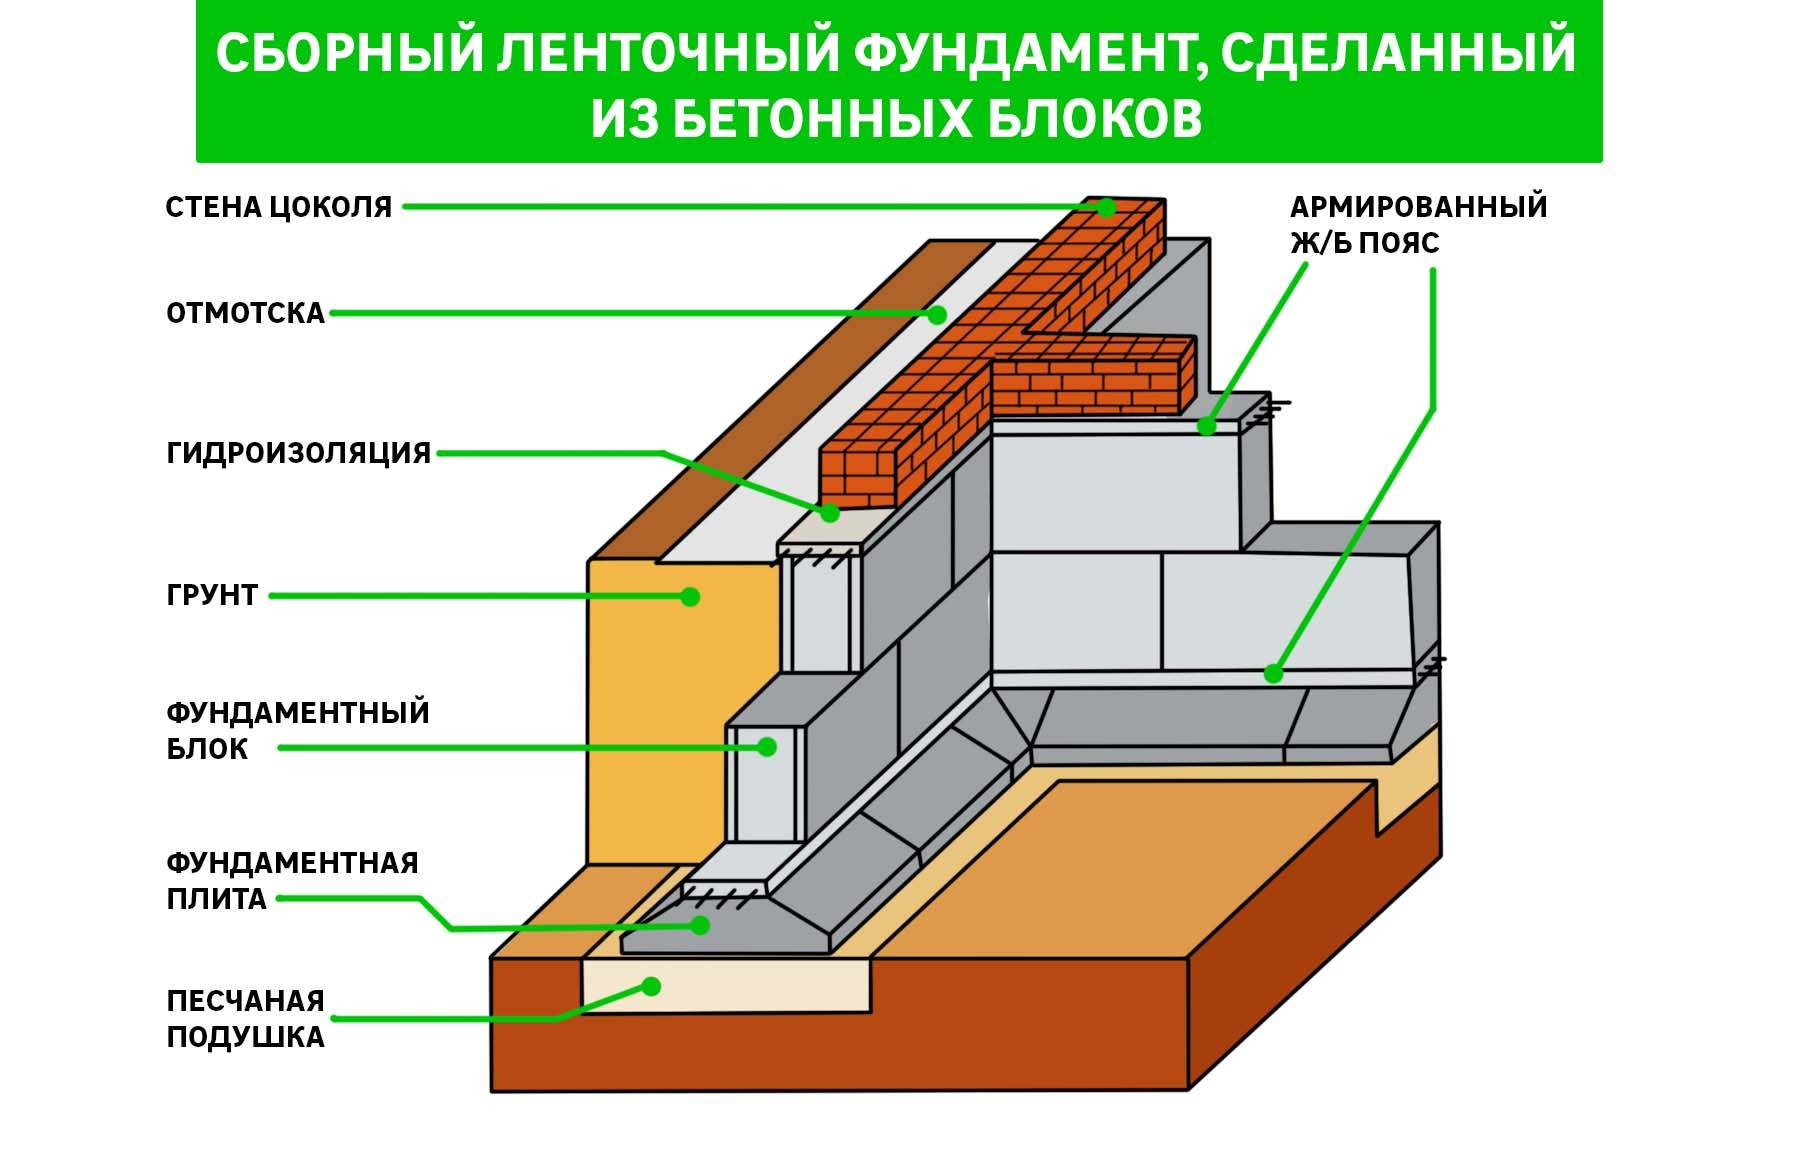 Мелкозаглубленный ленточный фундамент для дома из газобетона в один и два этажа: инструкция, как сделать своими руками